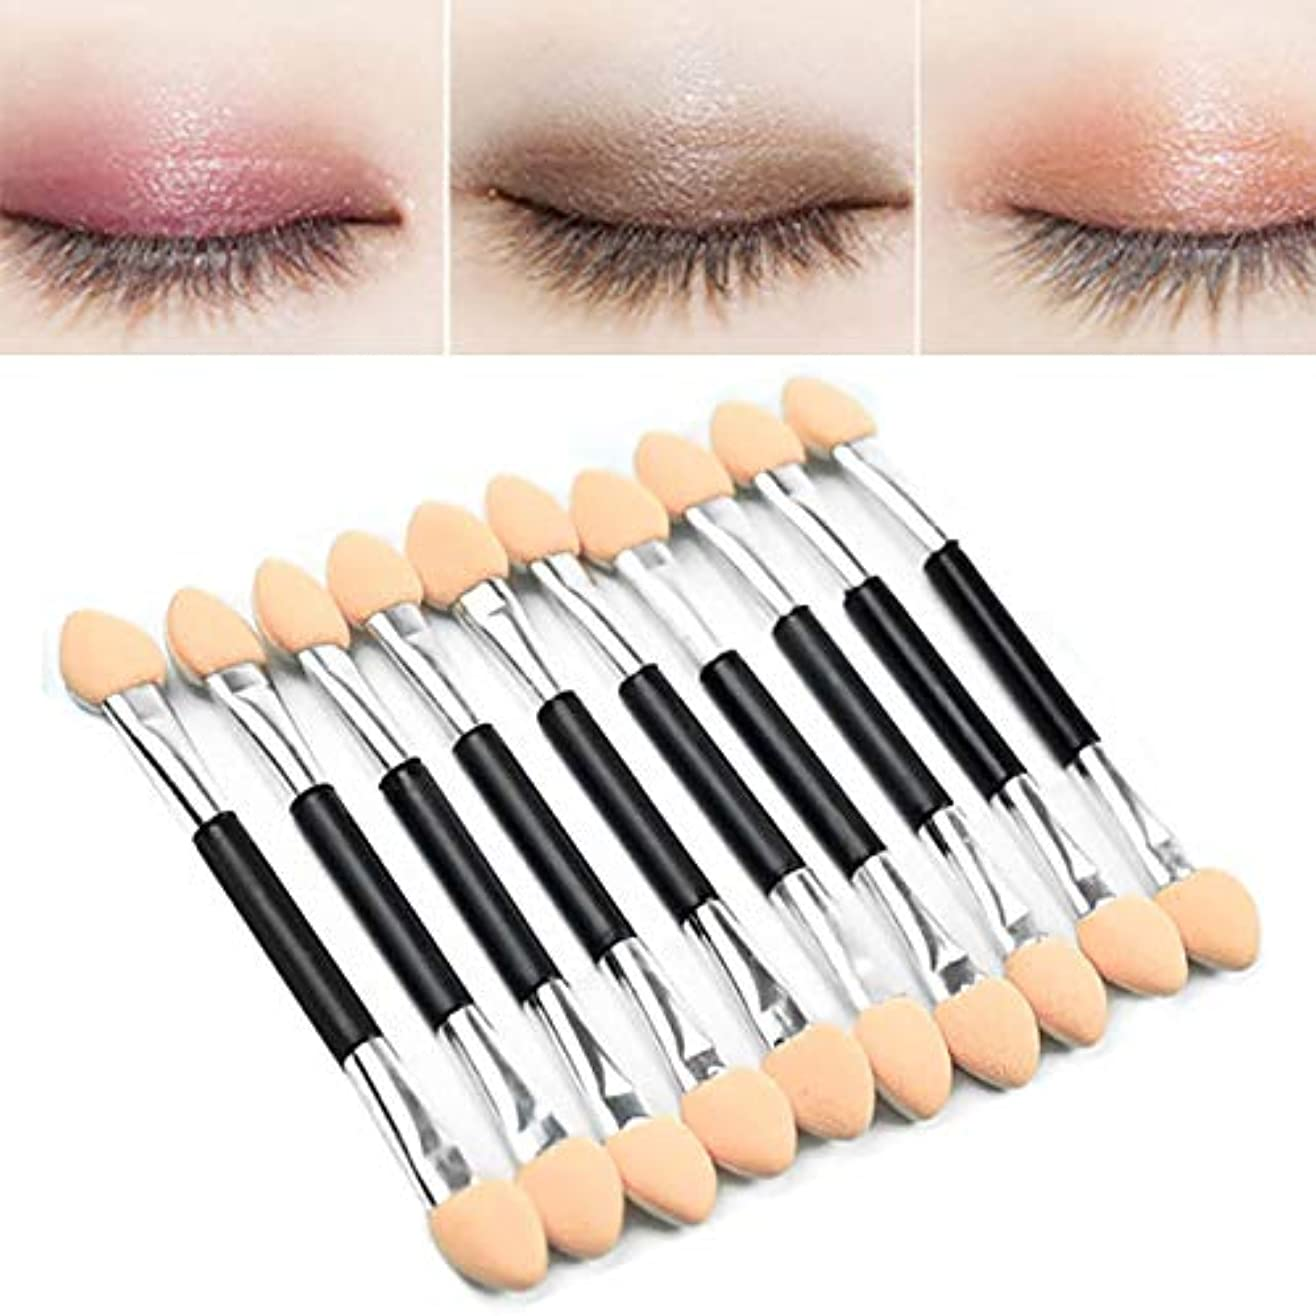 中国アート美しいCikoume アイシャドウブラシ 10本ダブル 化粧ツール 人気 アイシャドウスポンジ シリコンチップ 上質なメイクブラシで魅力的な目元を 化粧筆 ダブル メイクブラシ